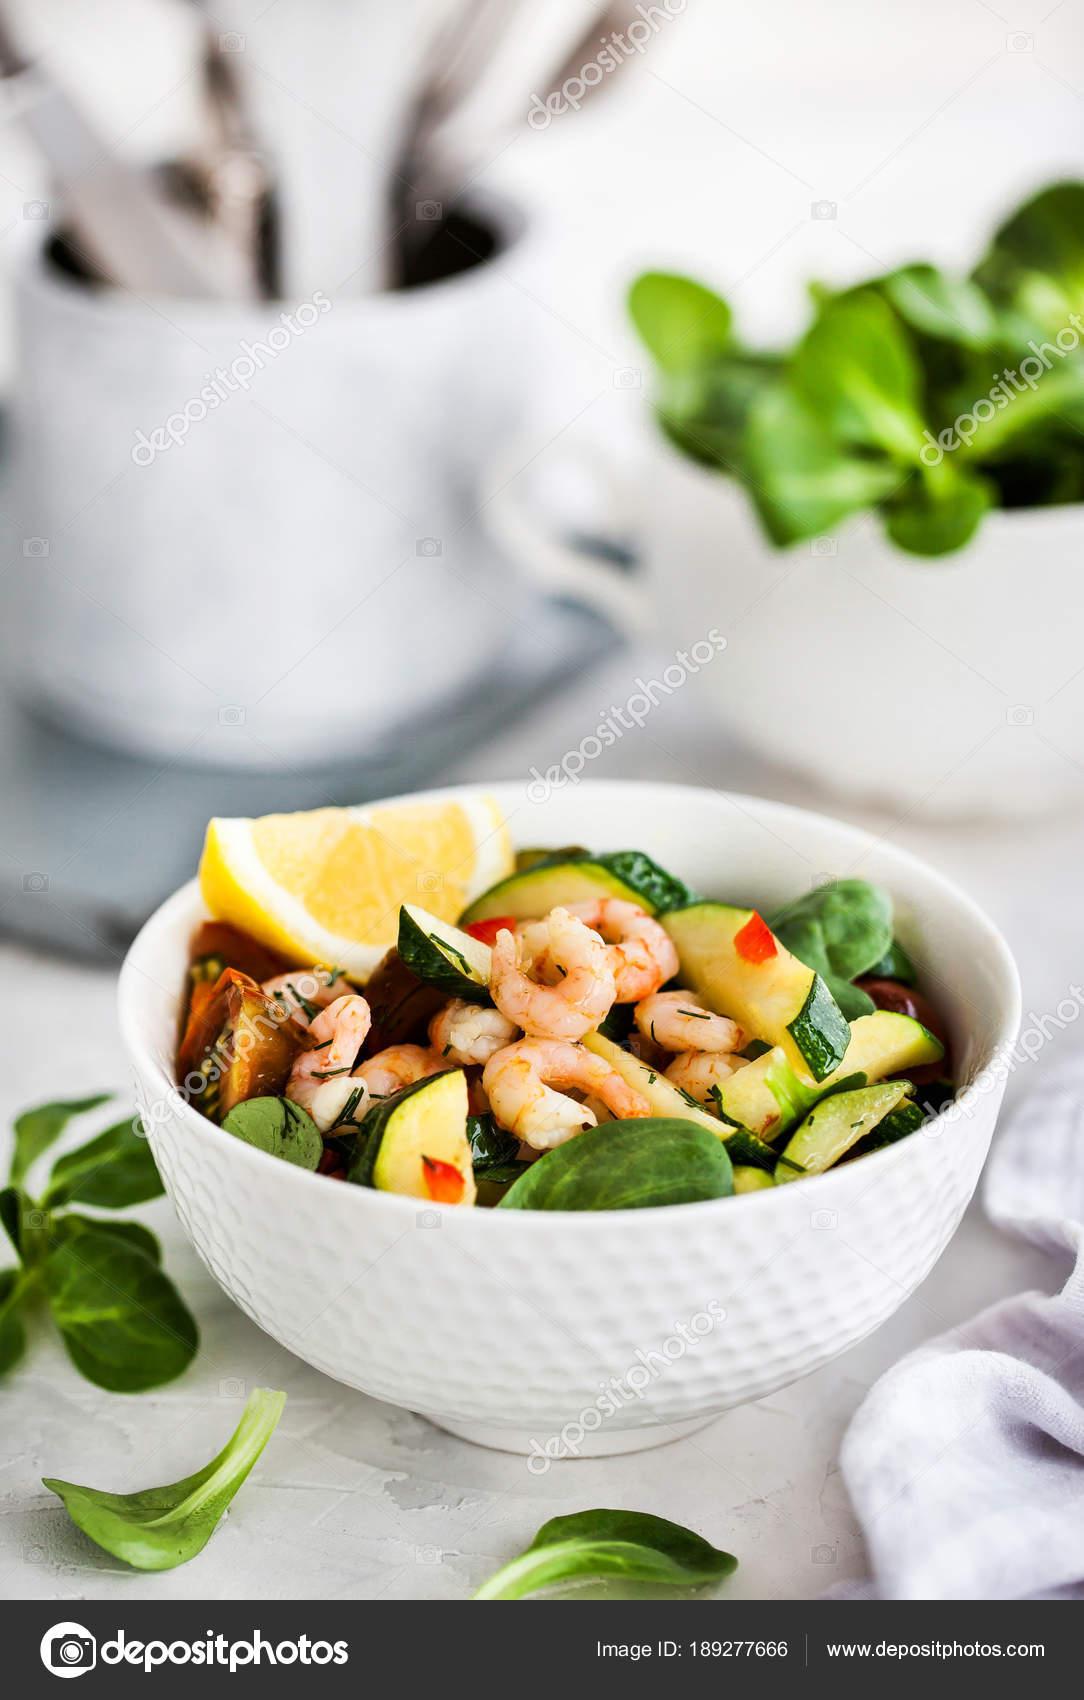 Krewetkami I Cukinia Ciepla Salatka Pyszne Zdrowe Jedzenie